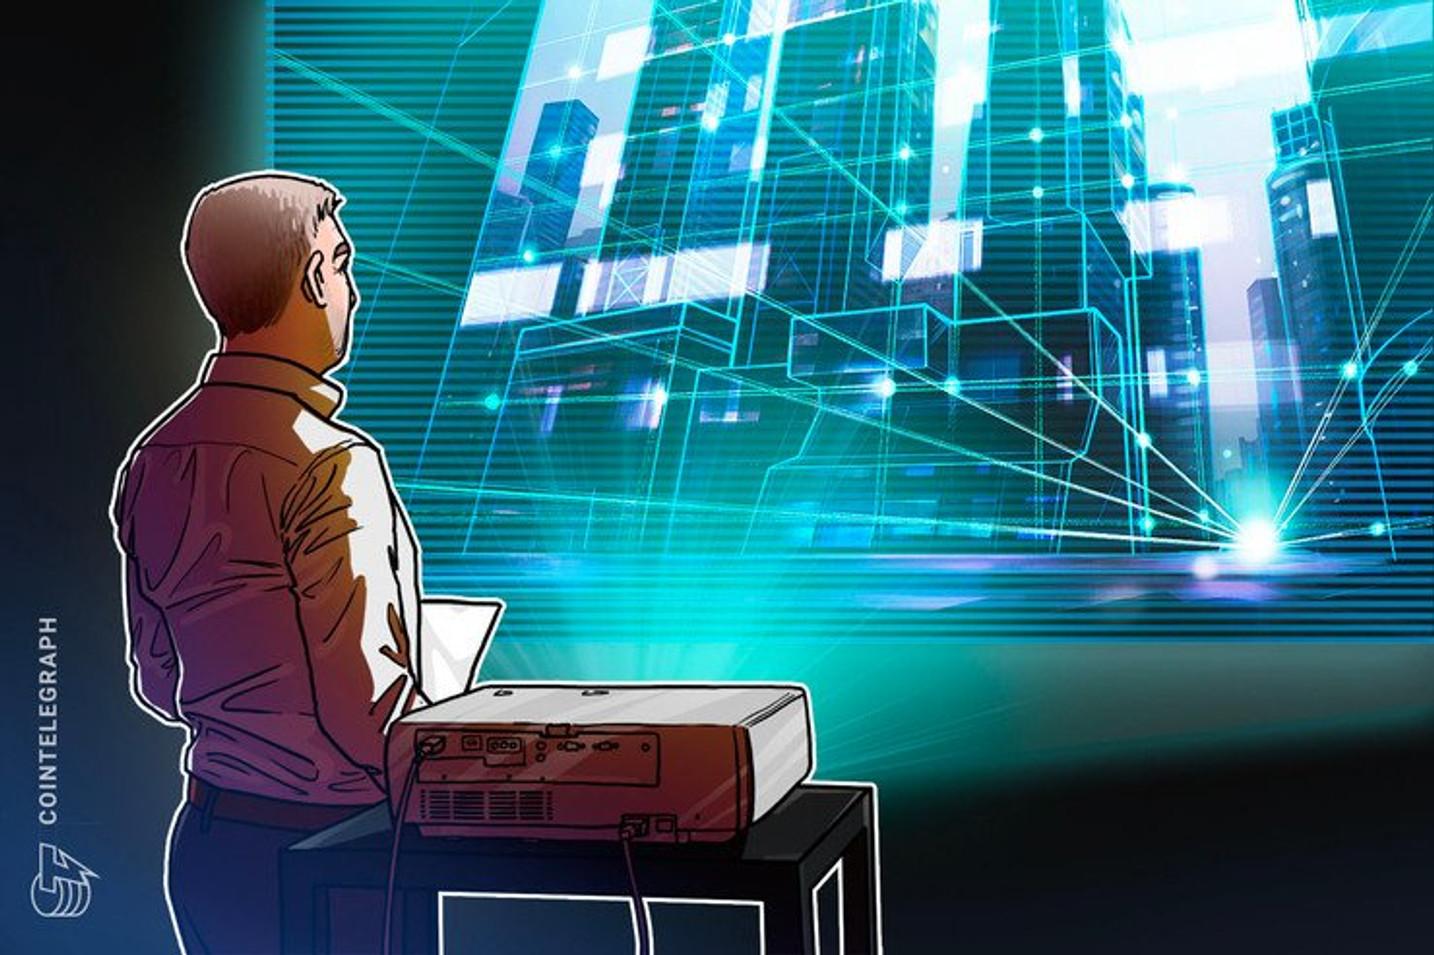 Quarentena: Senai oferece 100 mil vagas em cursos online e gratuitos para blockchain e Indústria 4.0